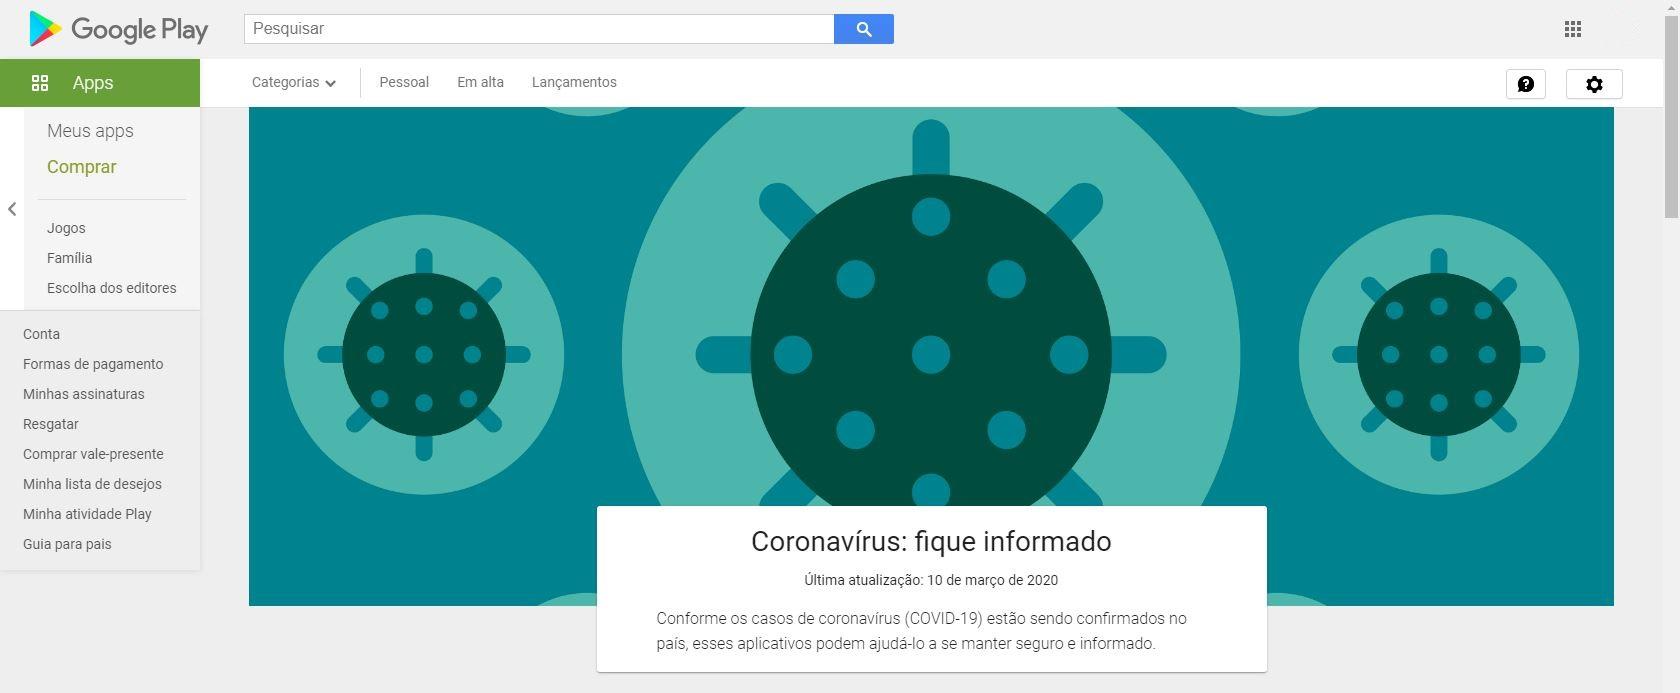 Google Play Coronavírus